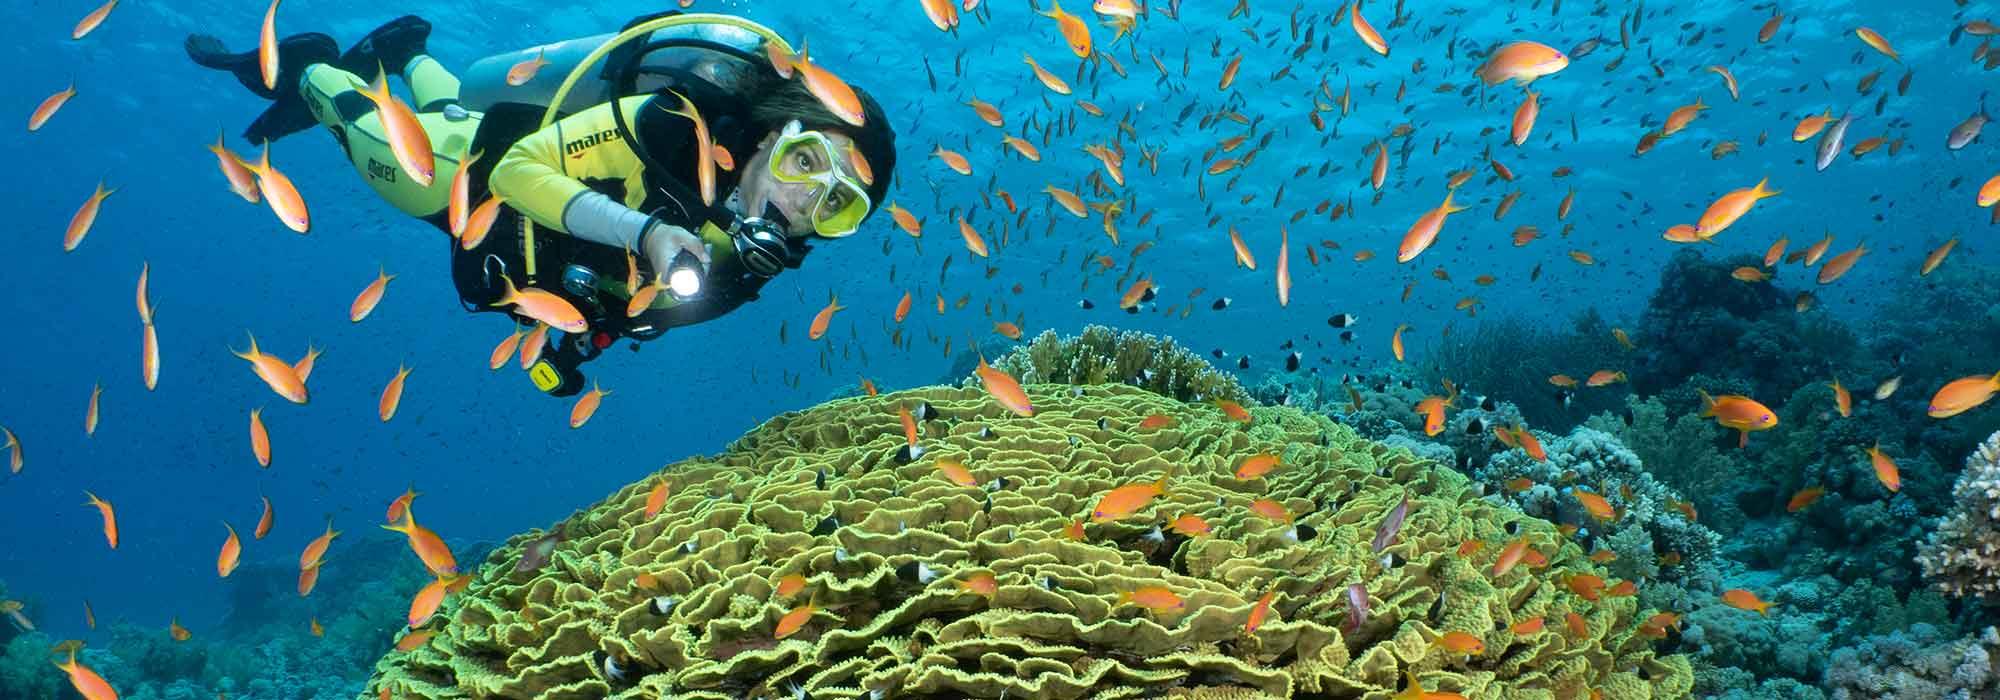 EuroSub-corsi-di-immersione-Portici